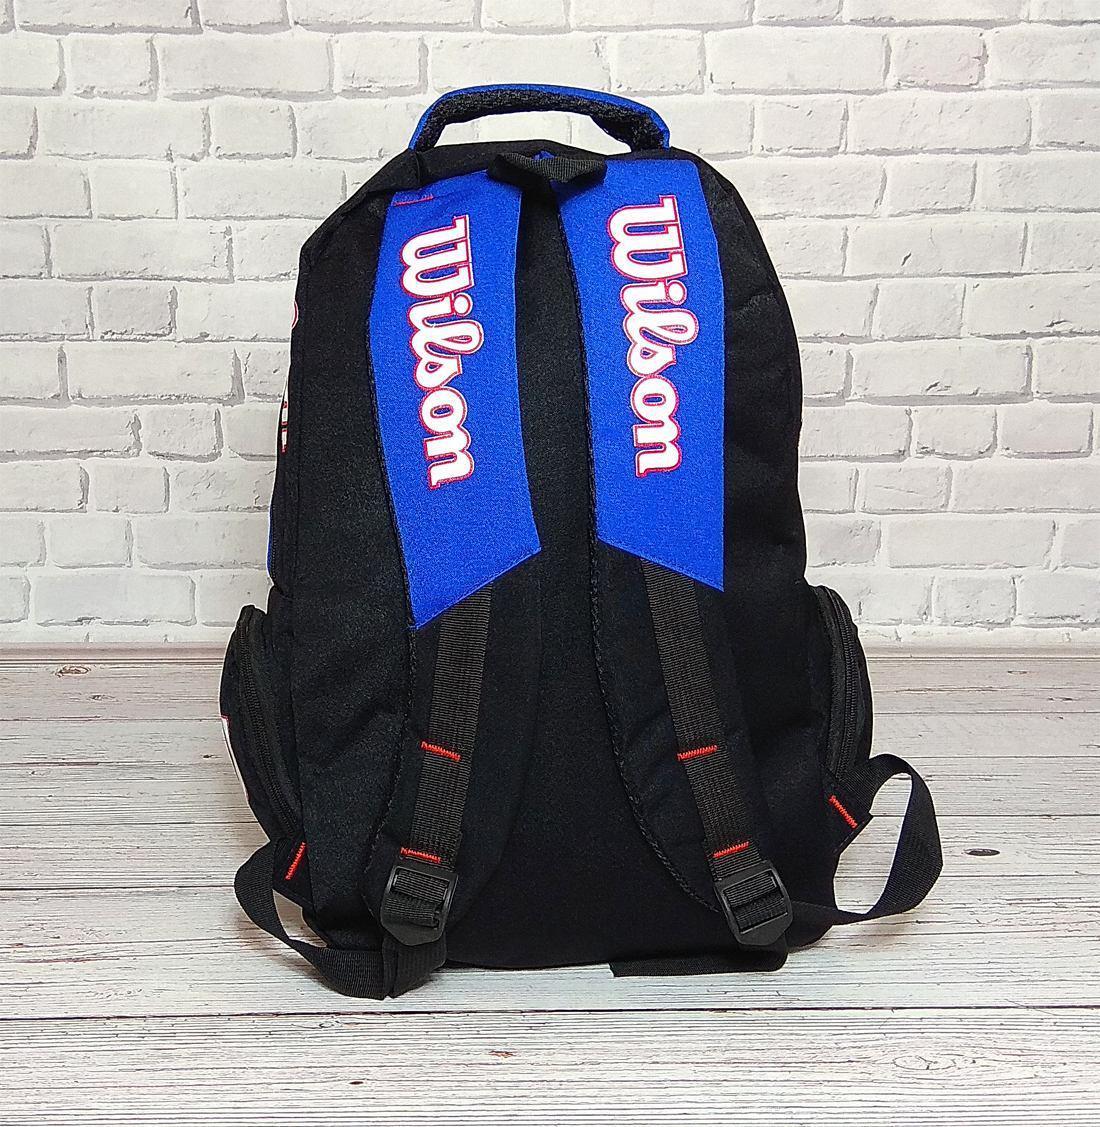 d49bacdabb79 Вместительный рюкзак Wilson для школы, спорта. Черный с синим ...